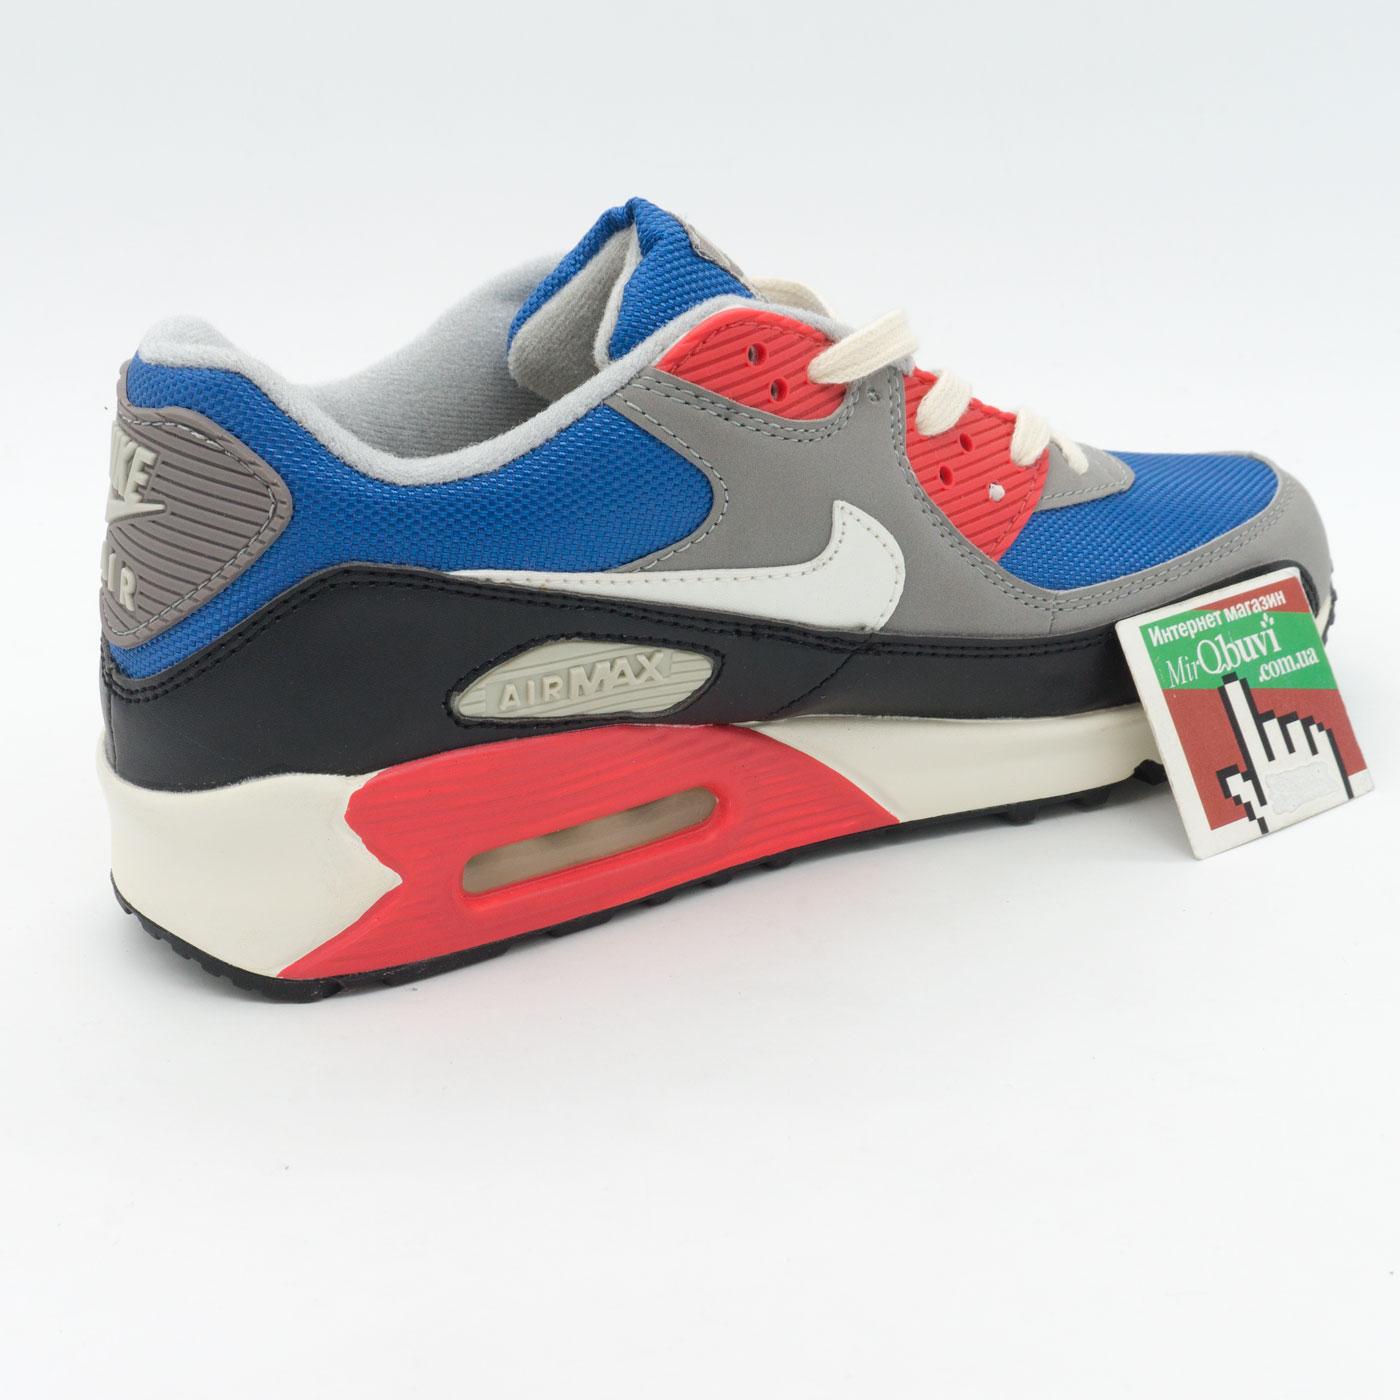 фото bottom Мужские кроссовки Nike Air Max 90 синие с красным bottom